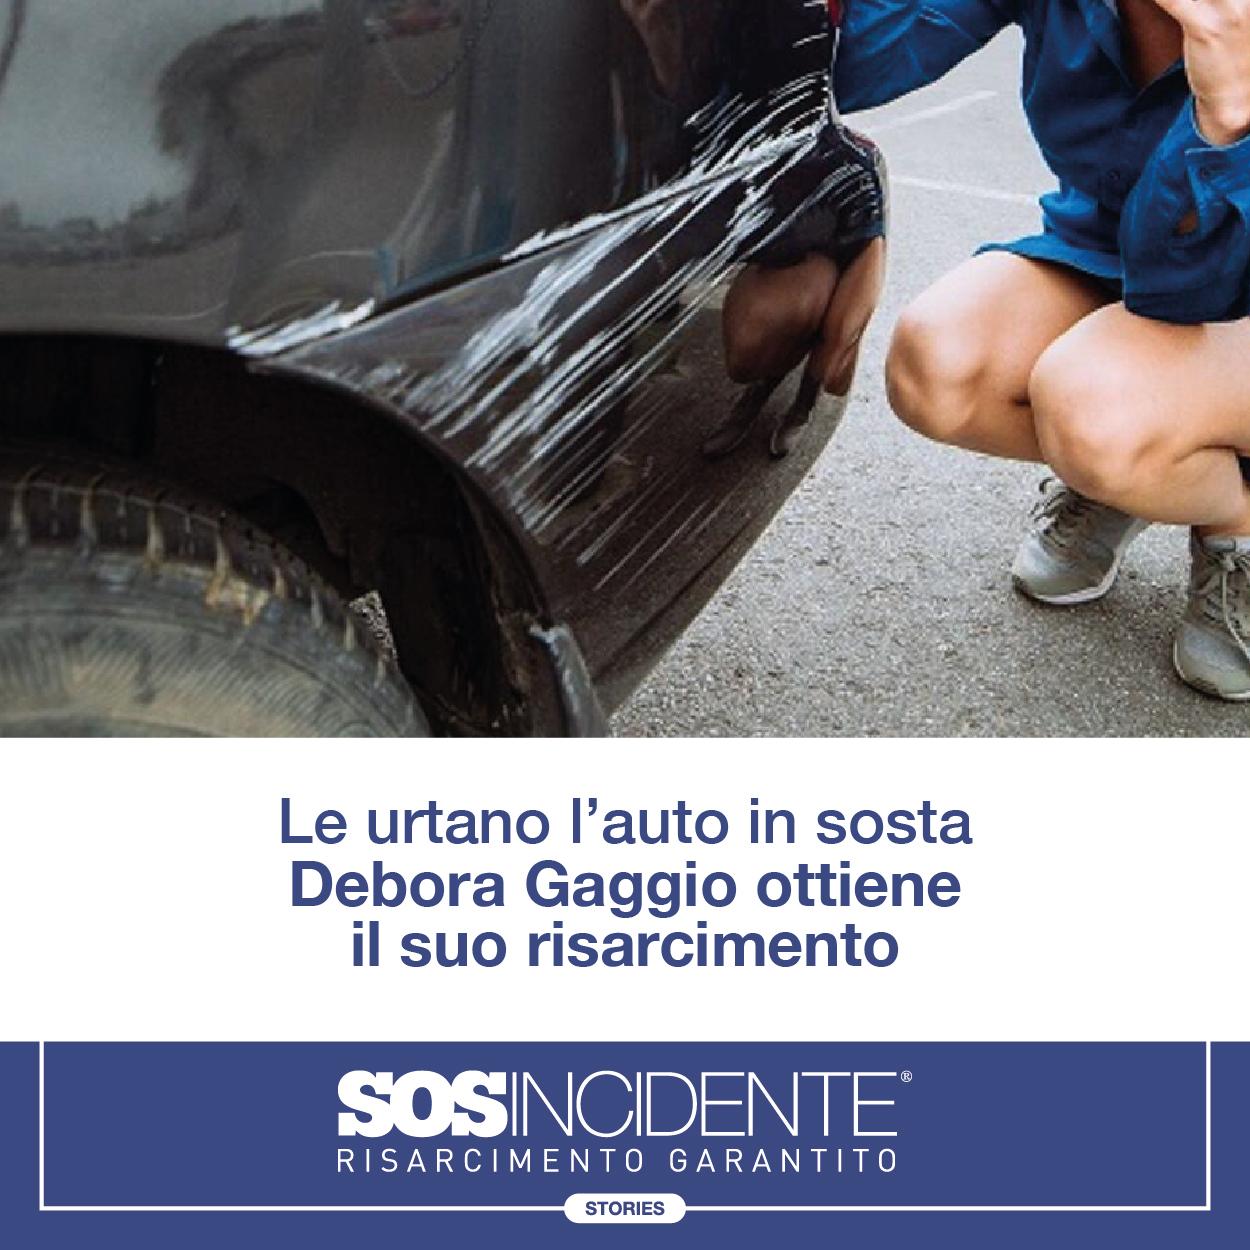 SOSIncidente_Urto_In_Sosta